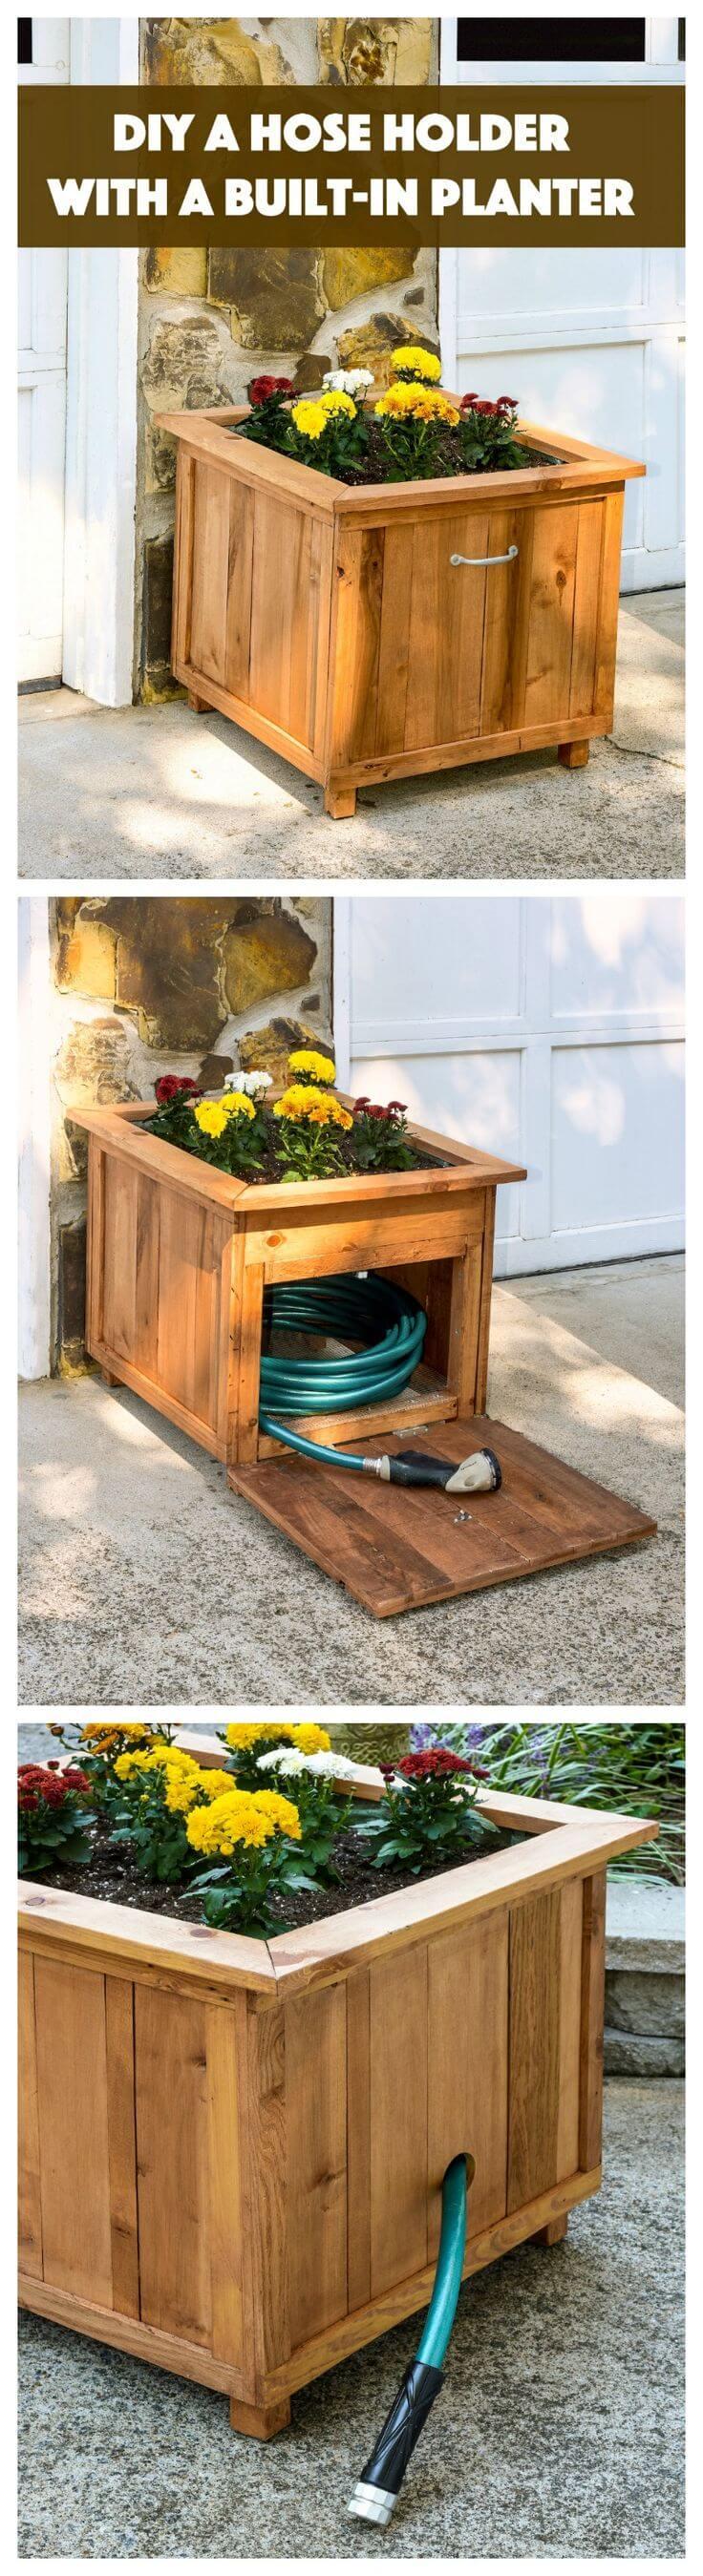 Gardener's Helper Planter Box & Hose Holder